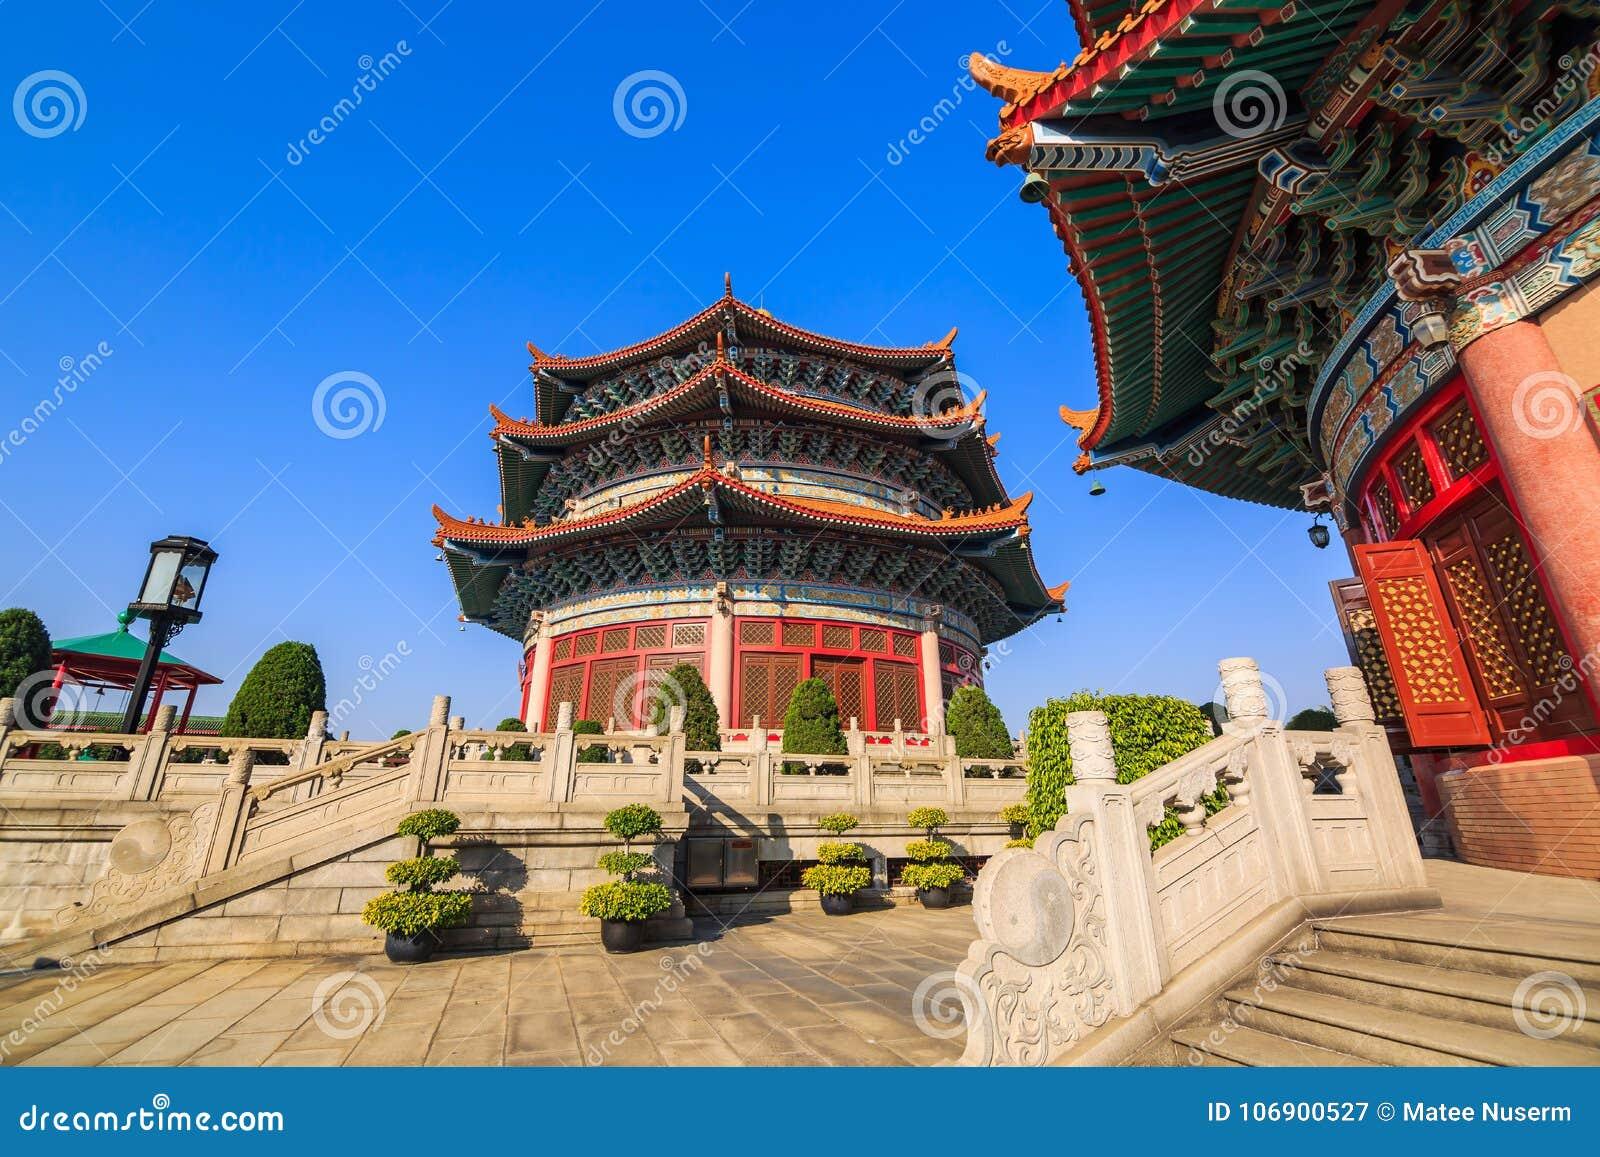 Chiński styl wokoło trzy opowieści sala